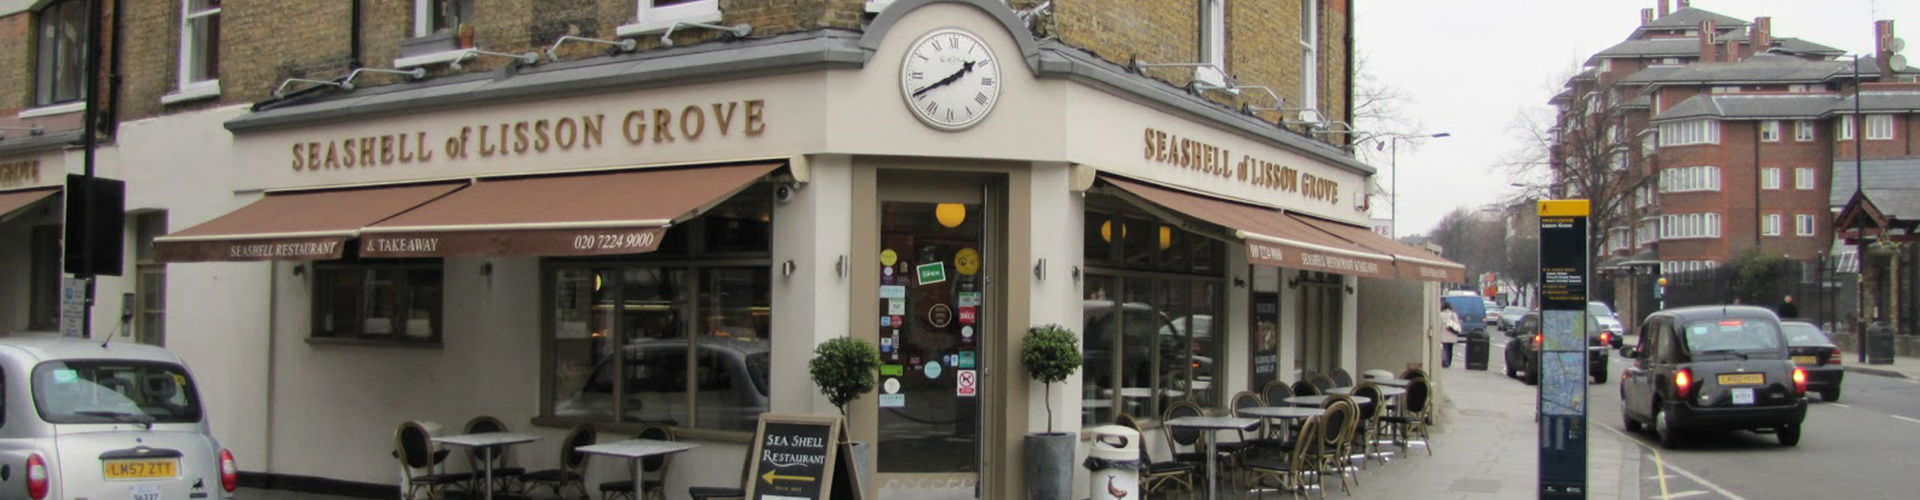 Londres - Albergues en el distrito Lisson Grove . Mapas de Londres, Fotos y Comentarios para cada Albergue en Londres.